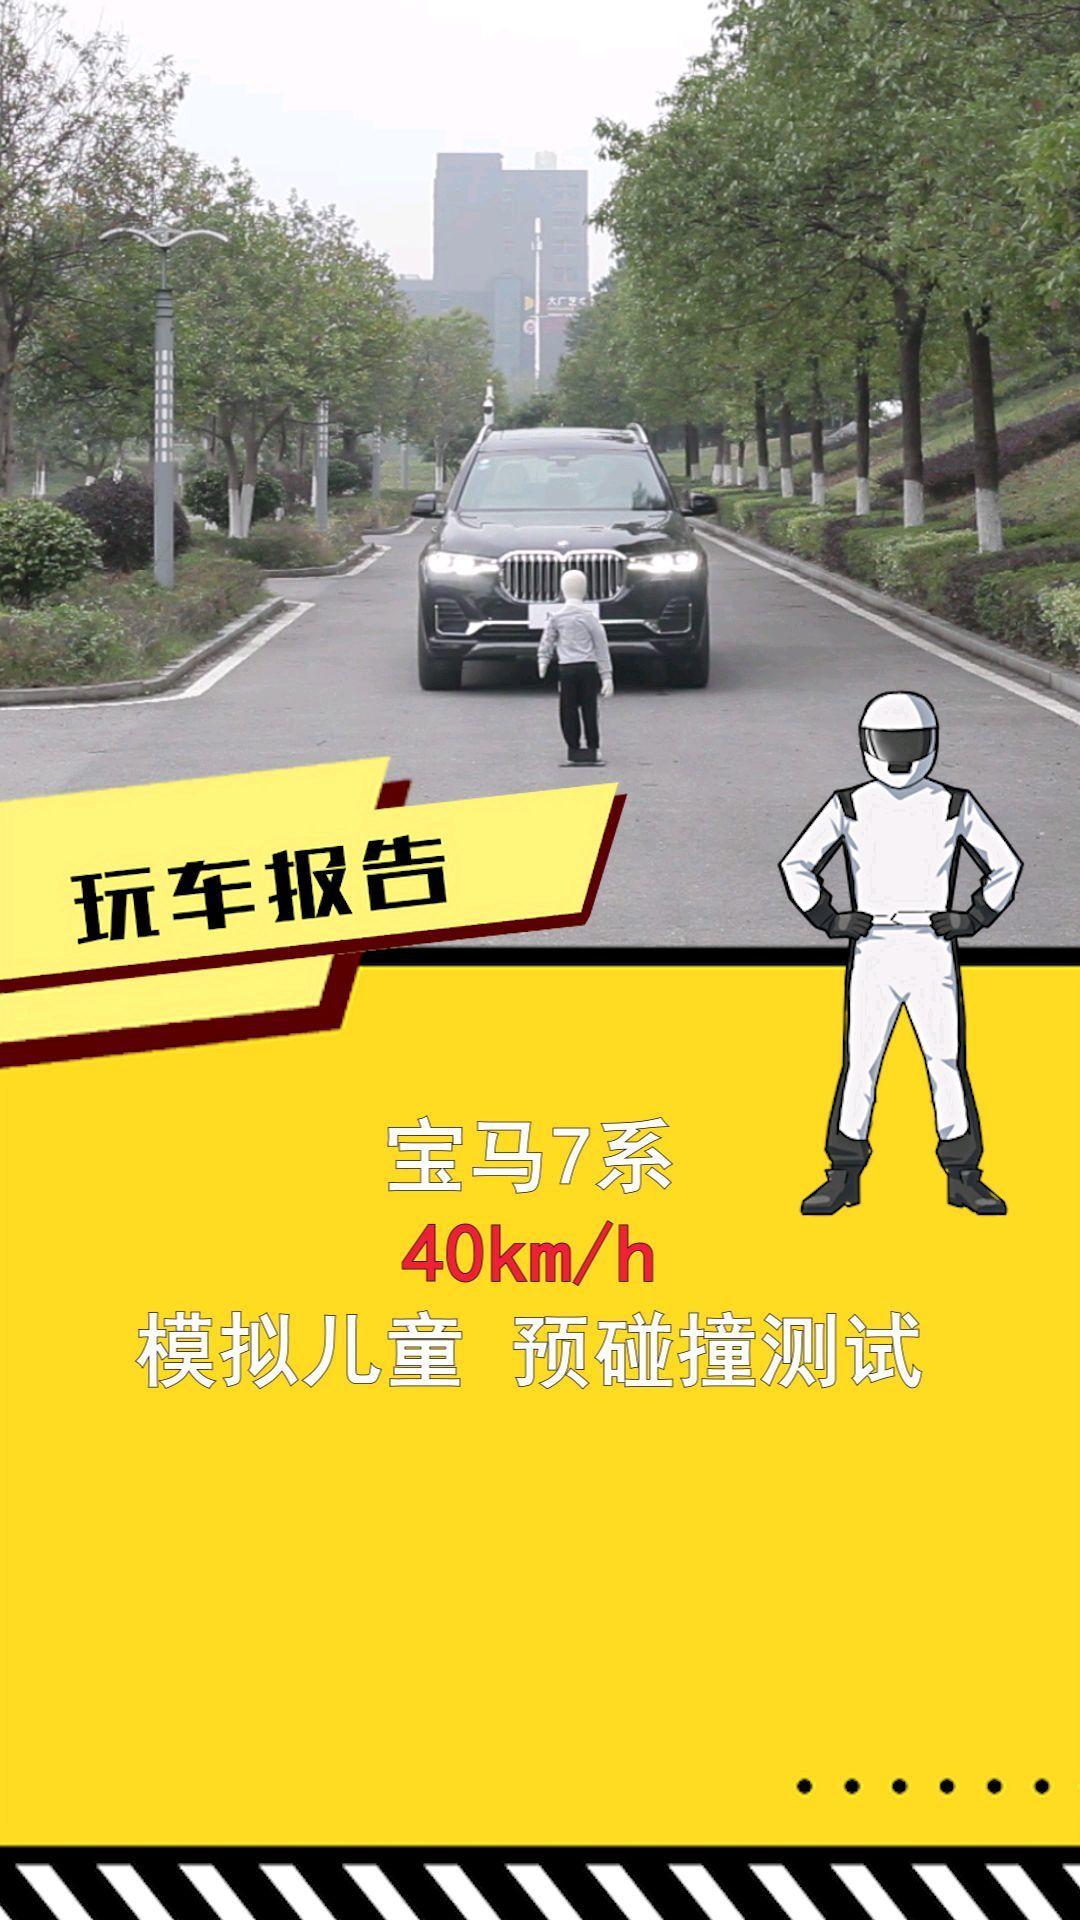 宝马7系,40km/h预碰撞测试